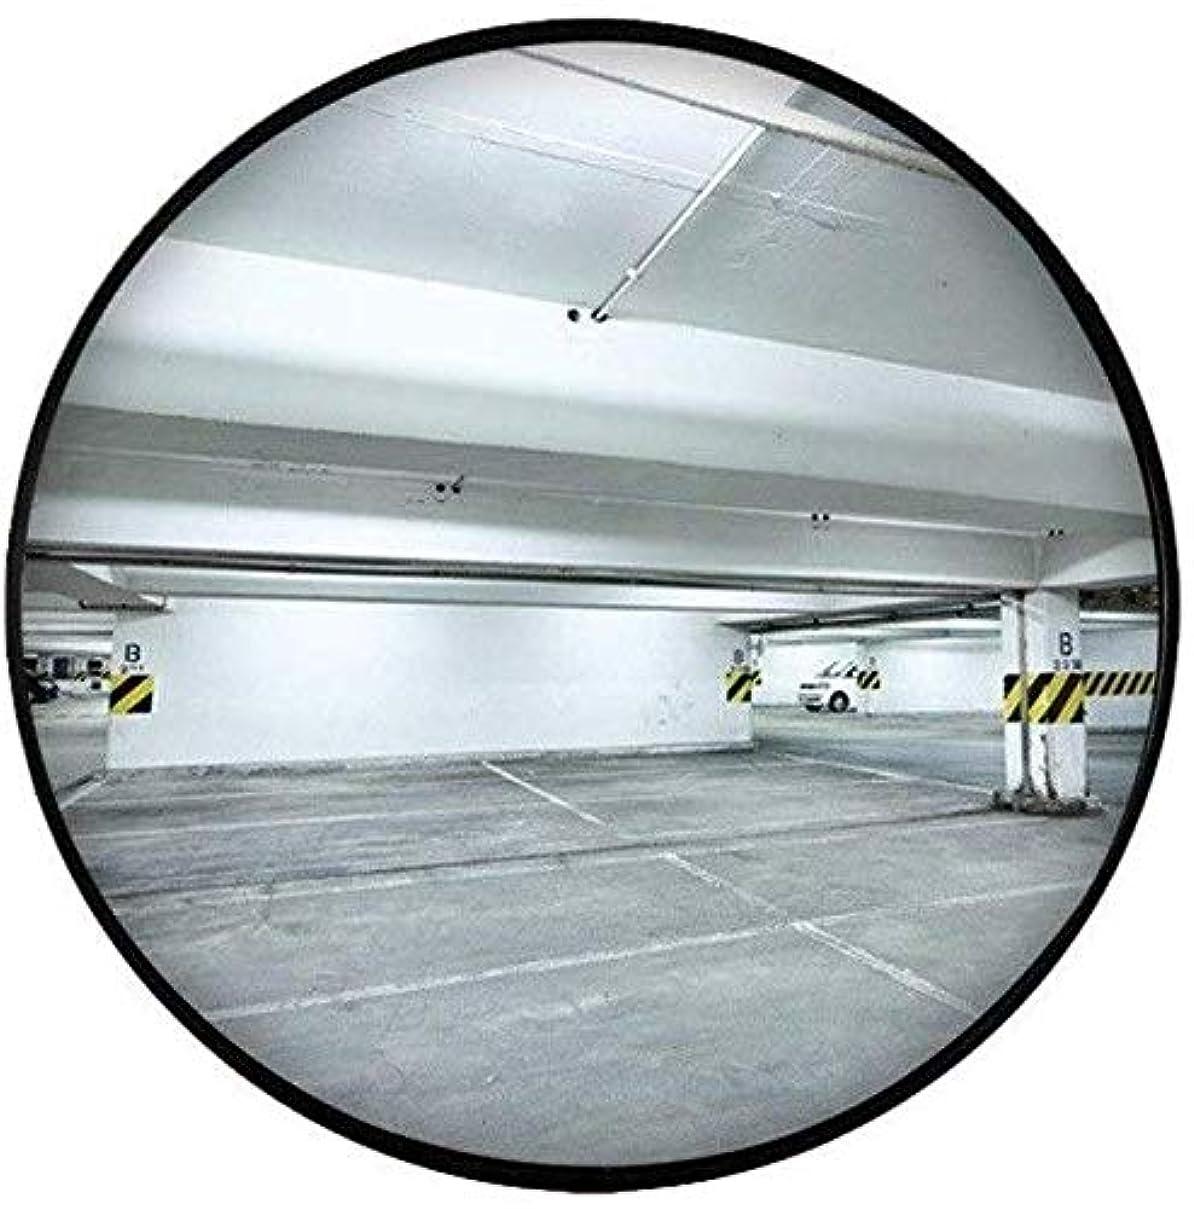 ご飯失われたマントル60CM屋内交通ミラー、黒球面ミラー防水飛散防止凸型安全ミラー駐車場ターニングミラー(サイズ:60CM)